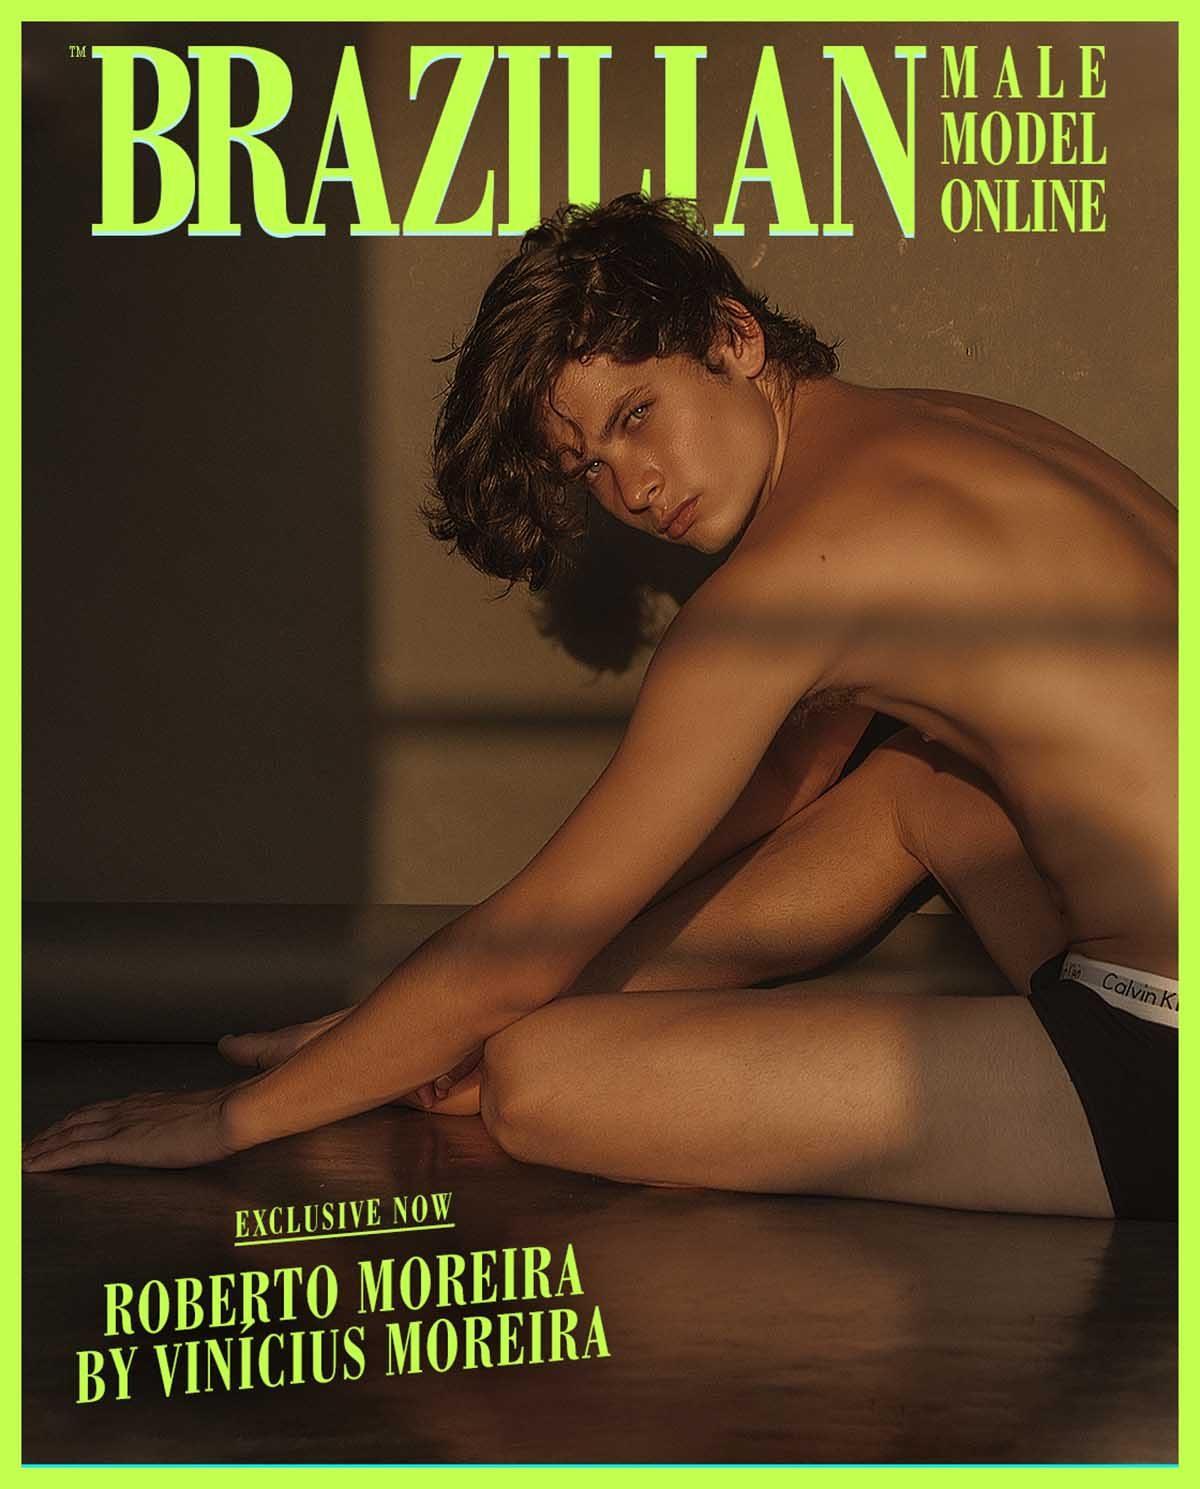 Roberto Moreira by Vinícius Moreira